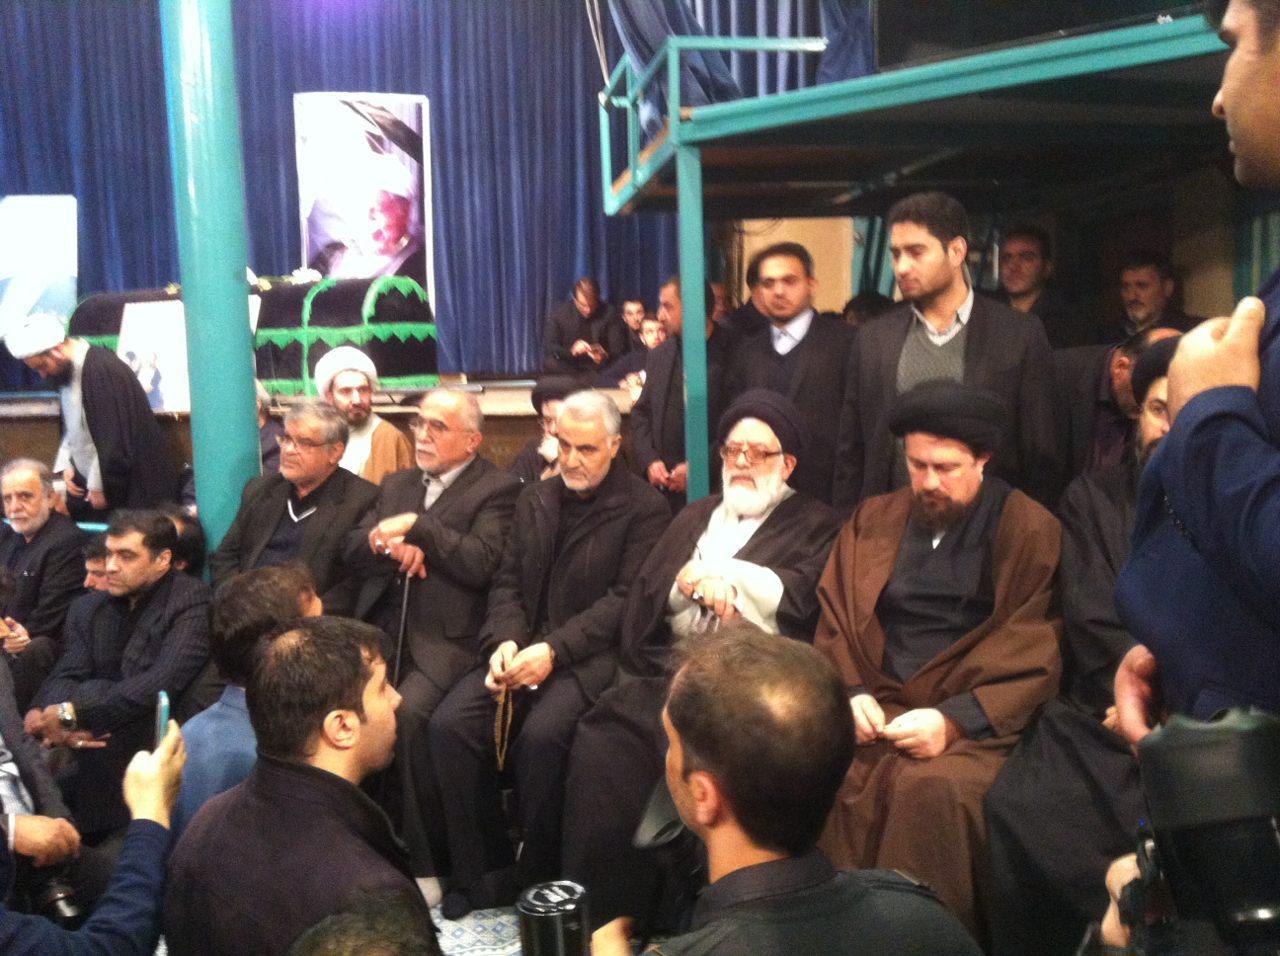 سردار سلیمانی در مراسم بزرگداشت آیت الله هاشمی رفسنجانی حضور یافت+ تصویر